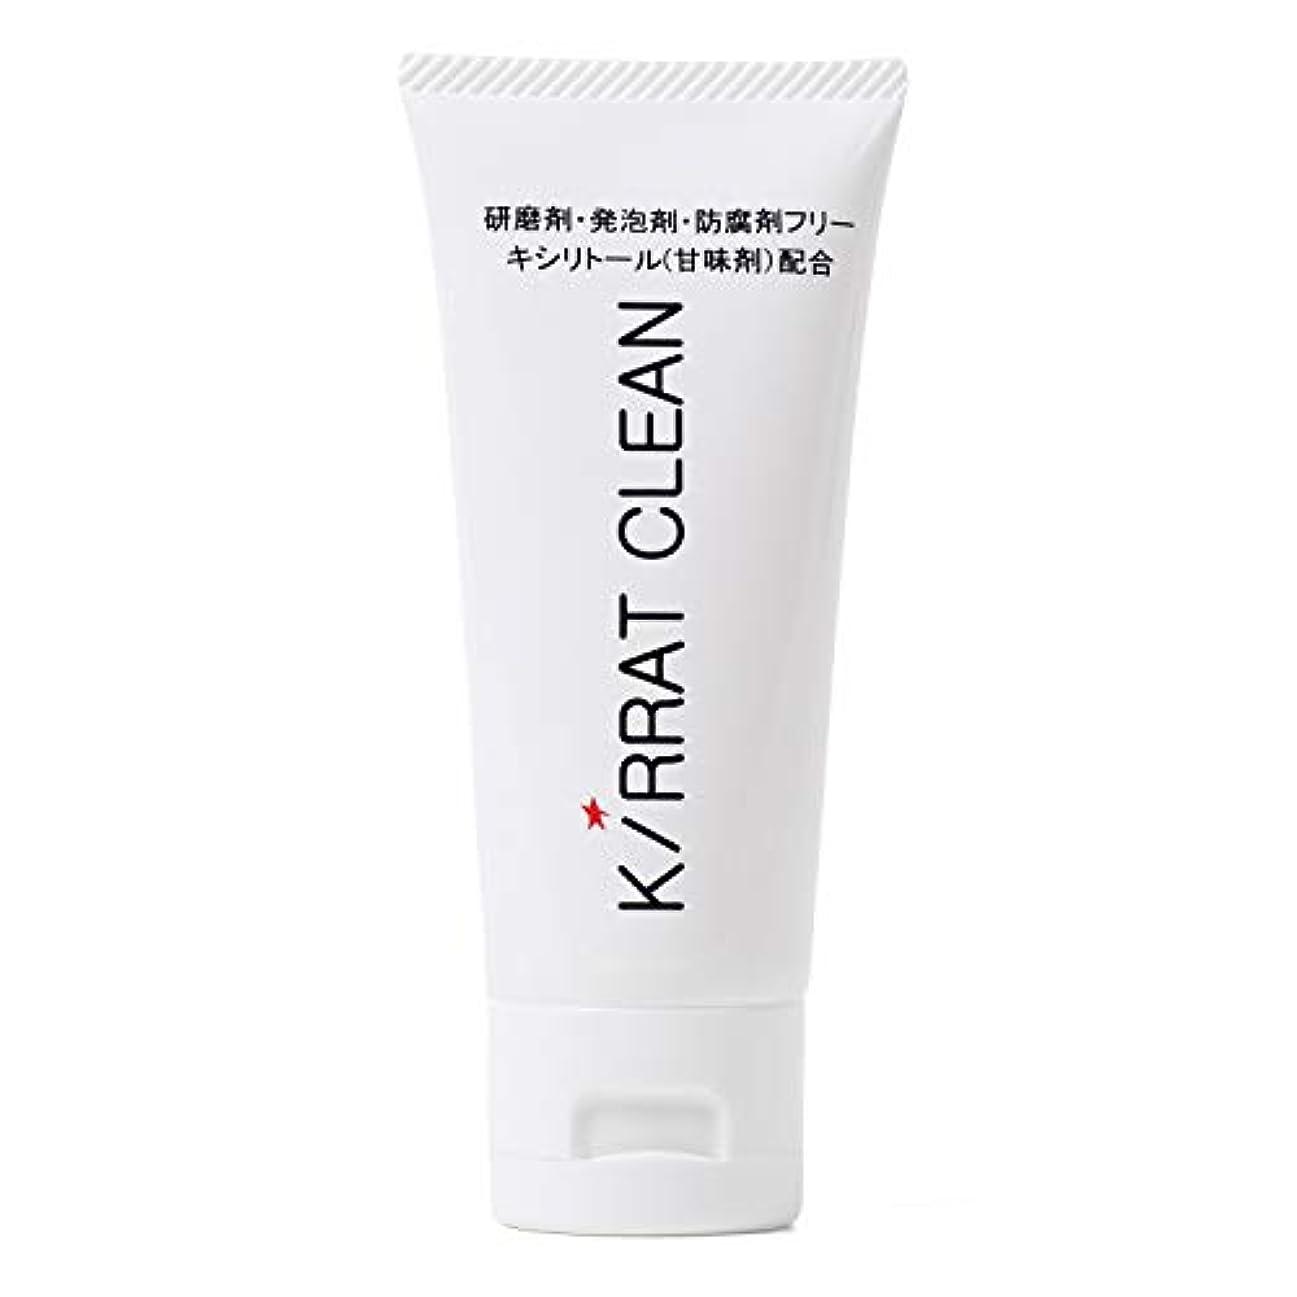 把握欺誤YUZO 歯磨き粉 キラットクリーン 60g 研磨剤 発泡剤 防腐剤フリー